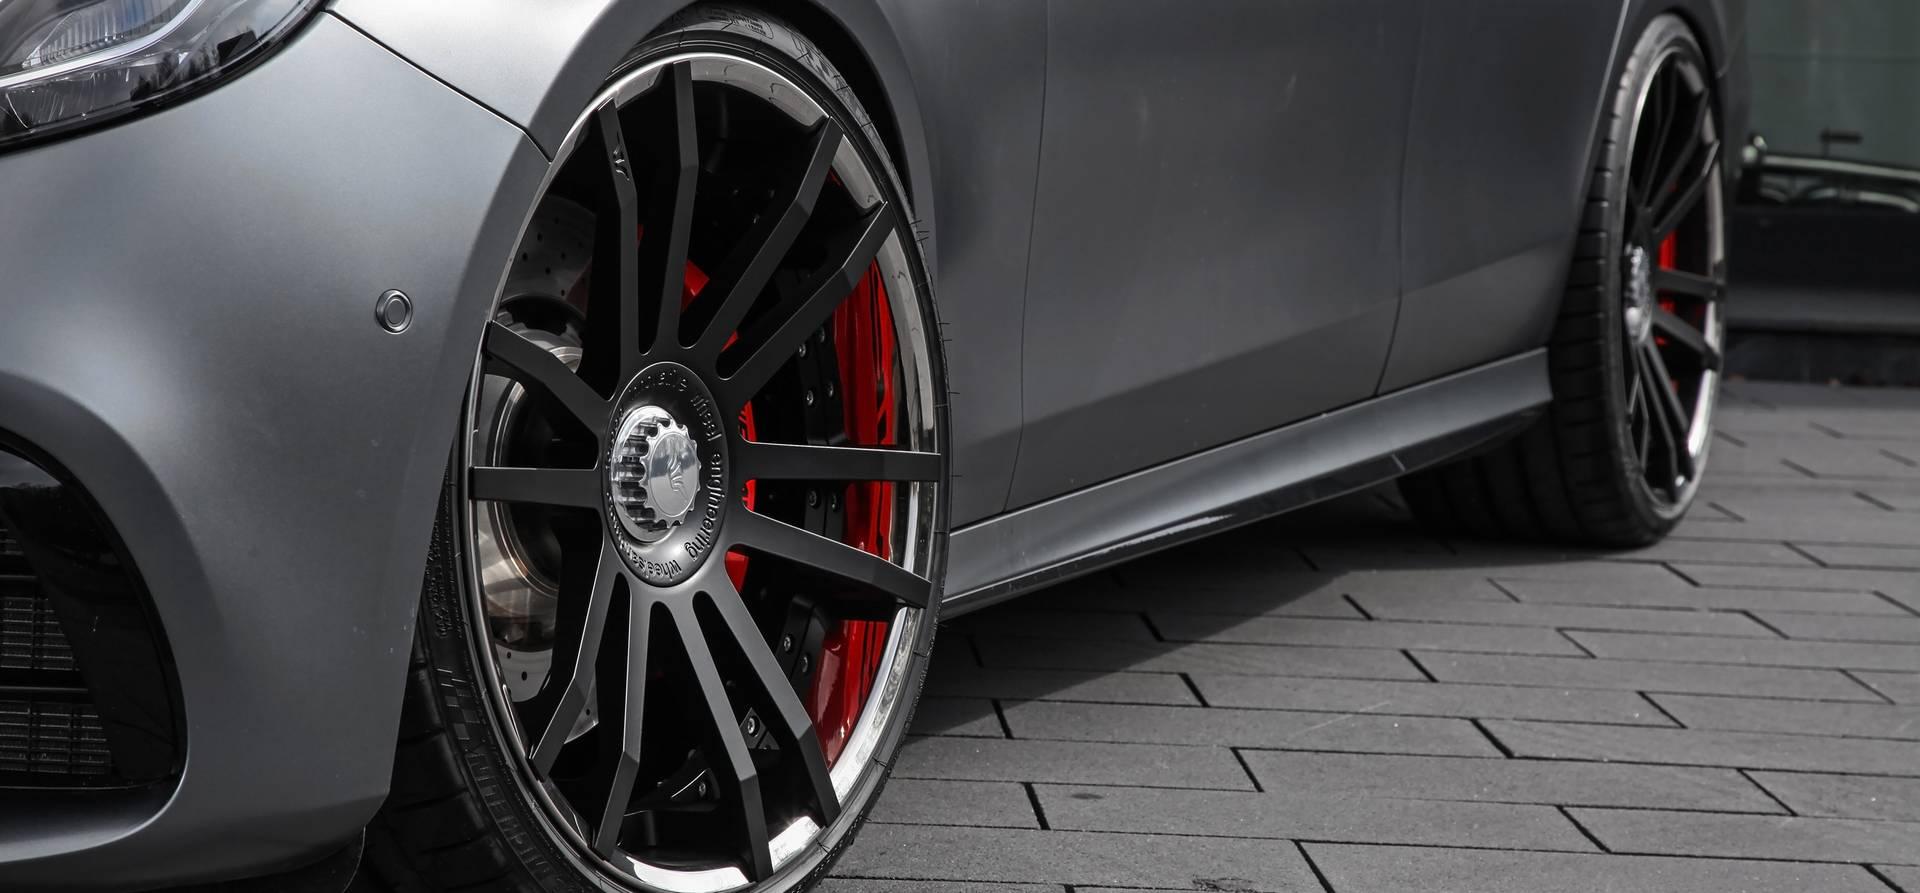 4.0-литровый двухтурбинный двигатель V8 поставляется с завода мощностью 612 л.с. и 850 Нм крутящего момента.